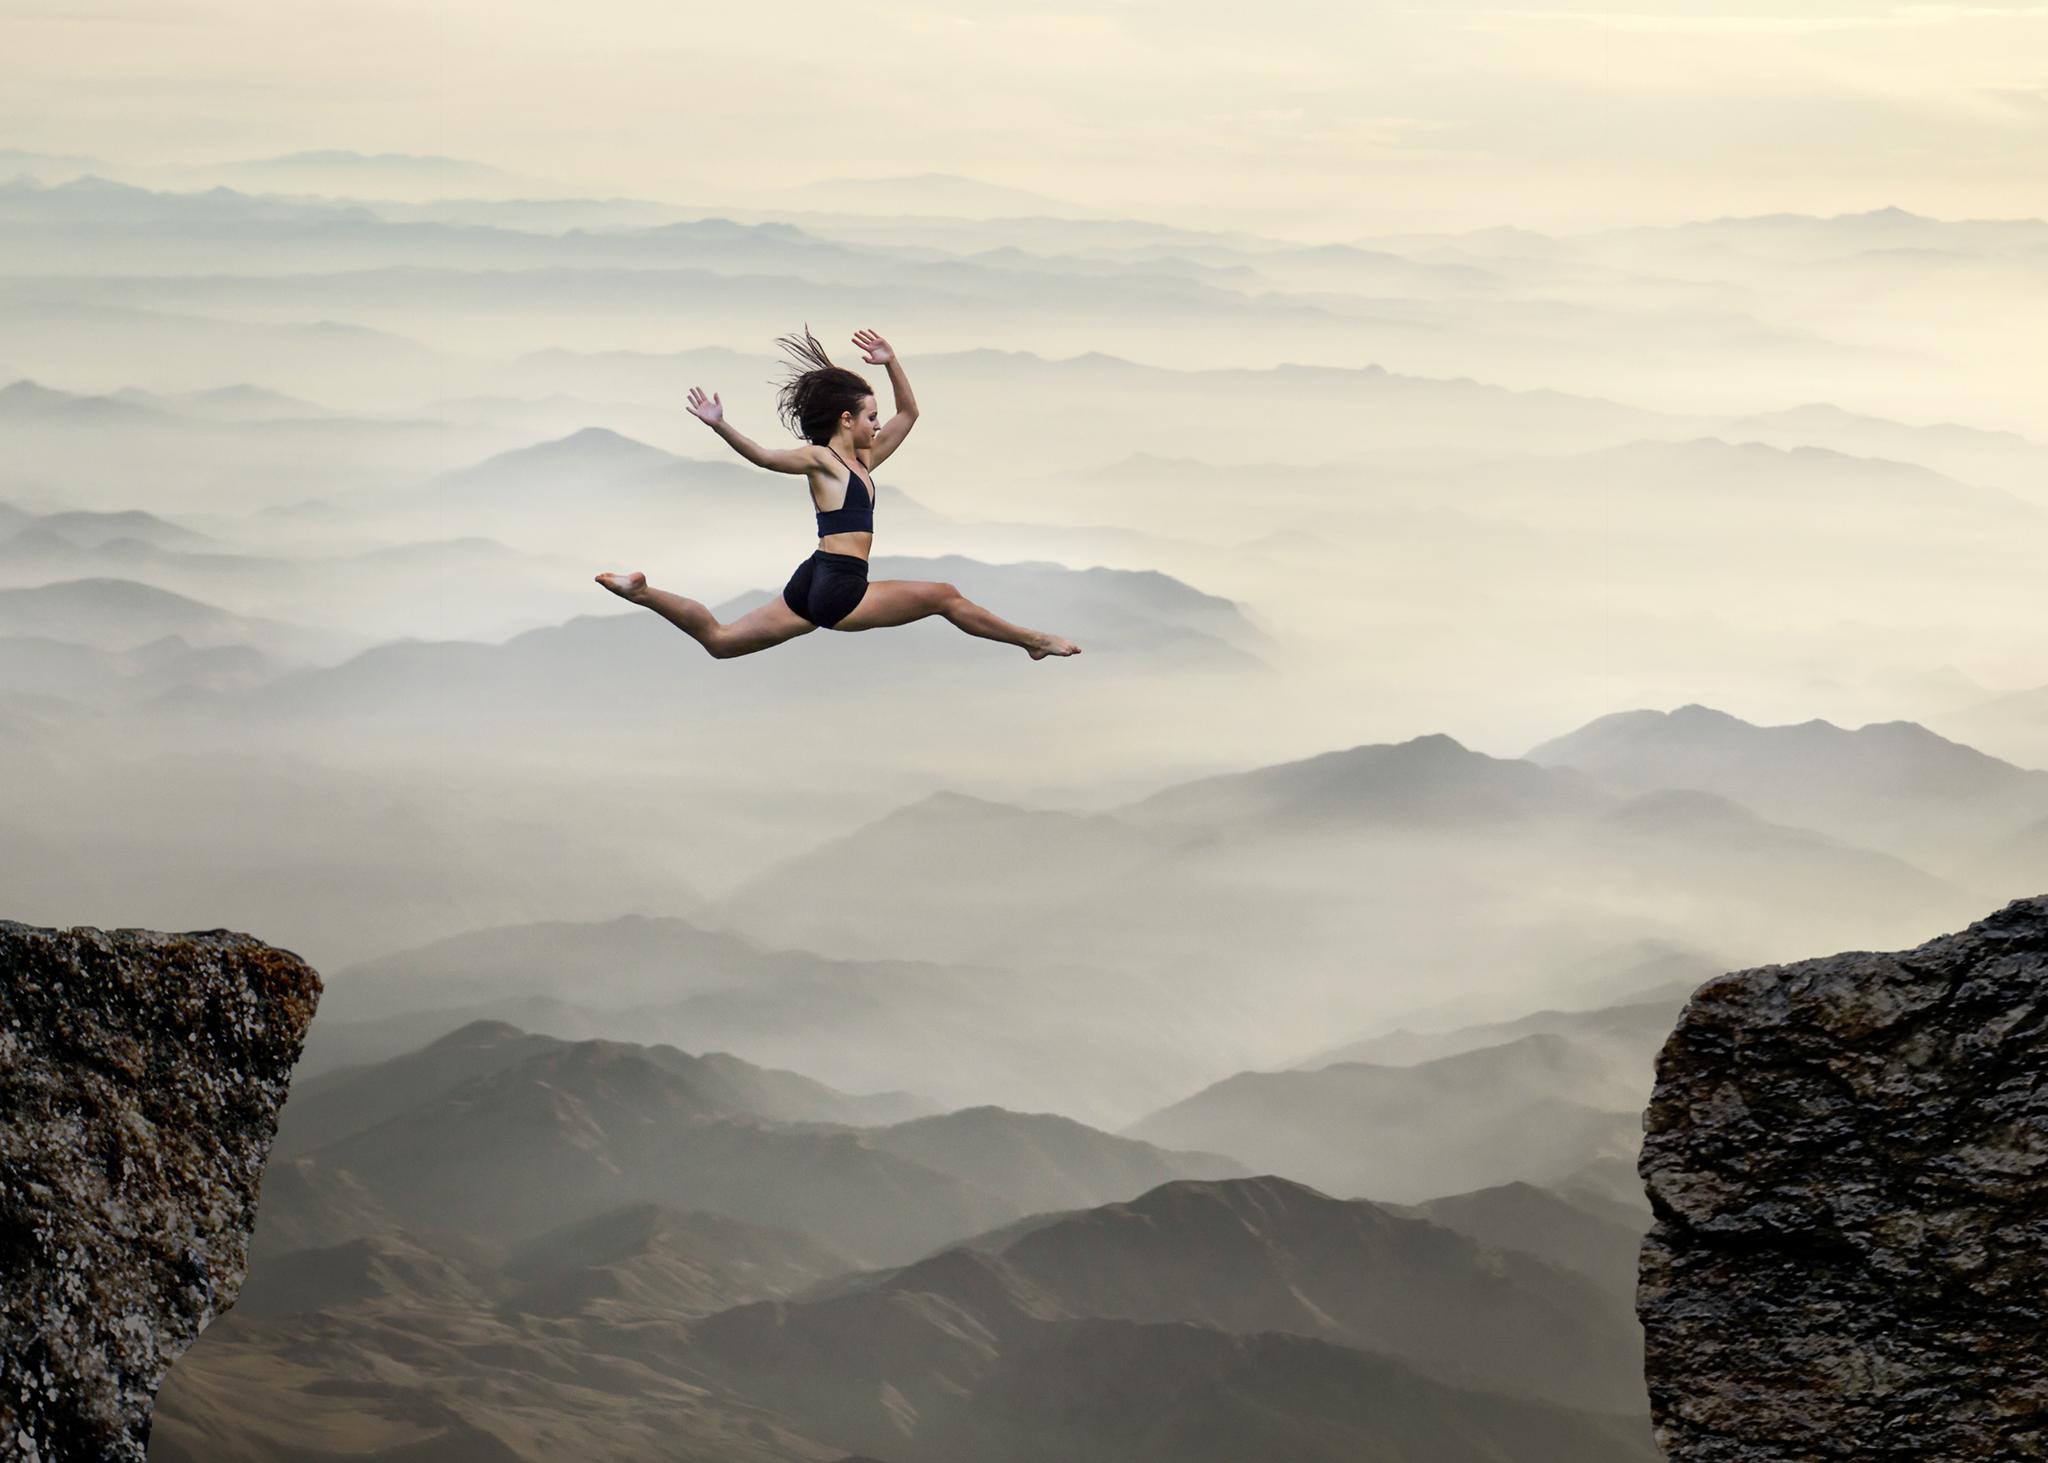 selma leap two cliffs sm.jpg